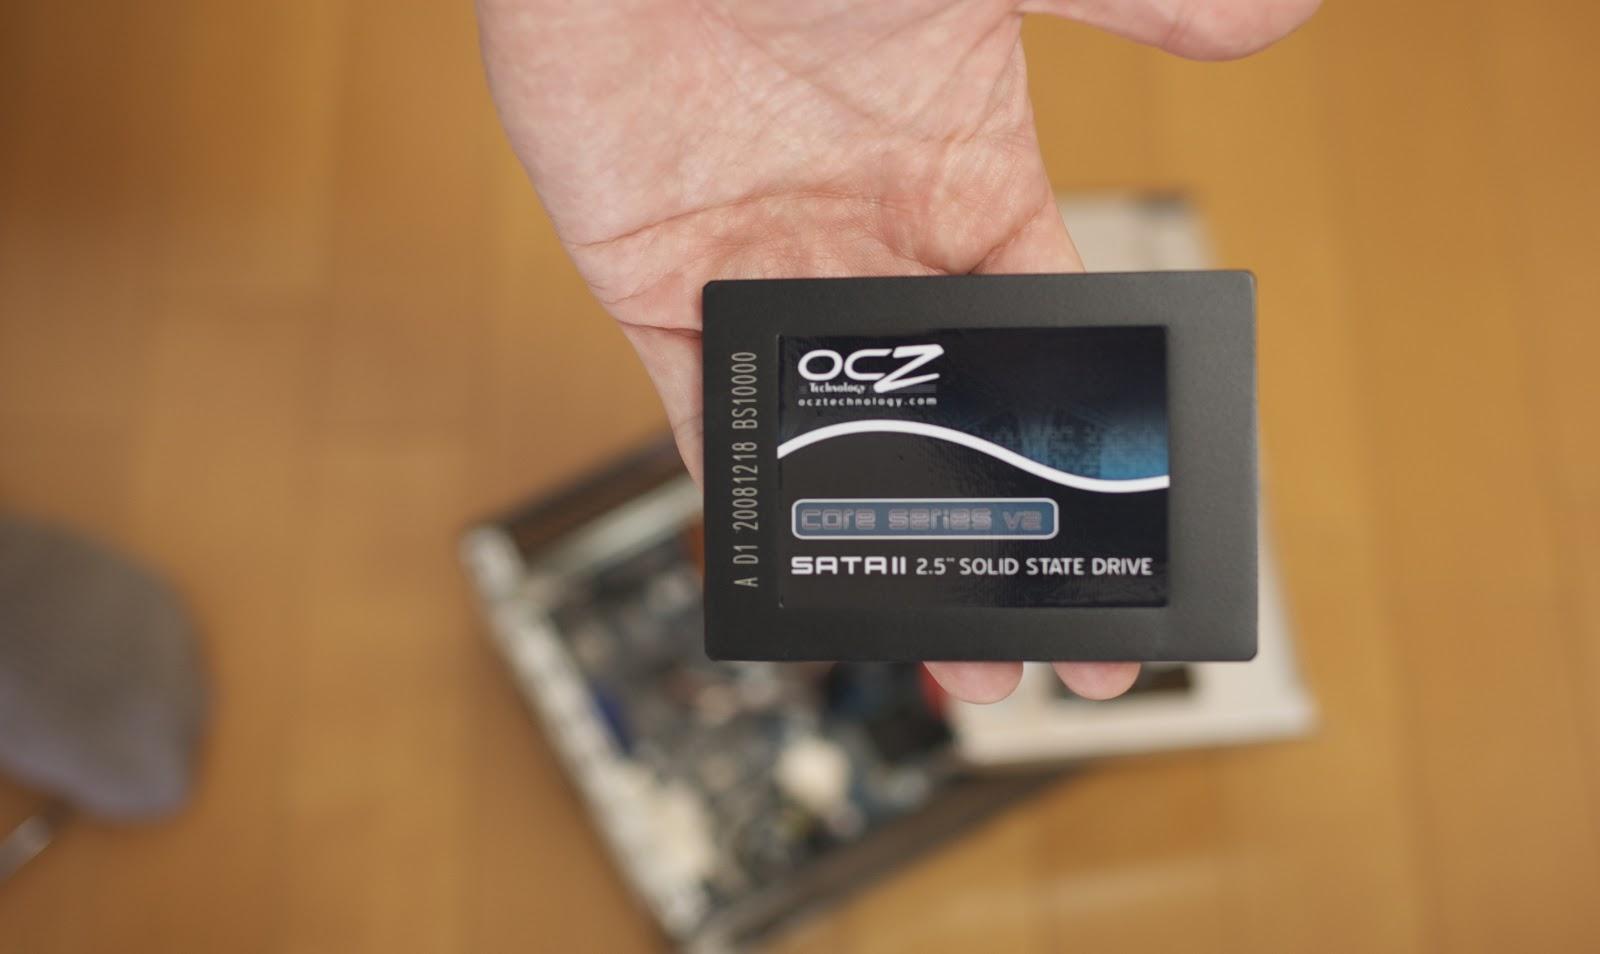 История OCZ: от RAM до SSD со скоростью 2,7 ГБ-с - 1